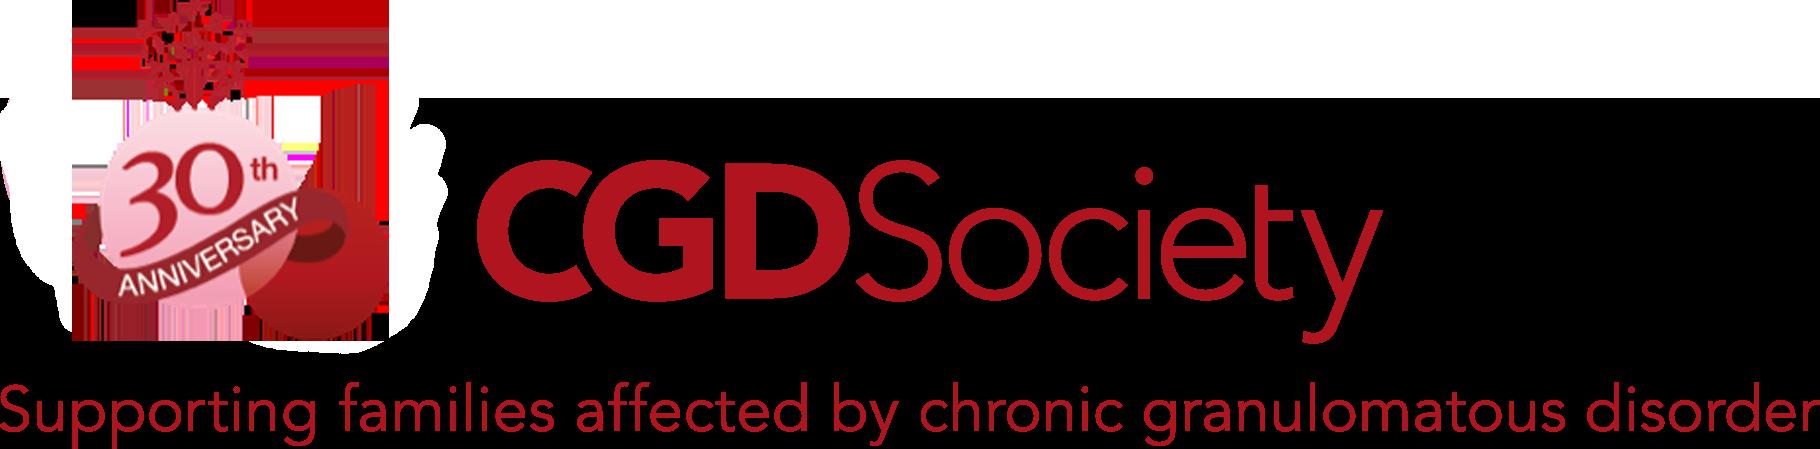 CGDS_logo_horiz_cmyk_strap_4